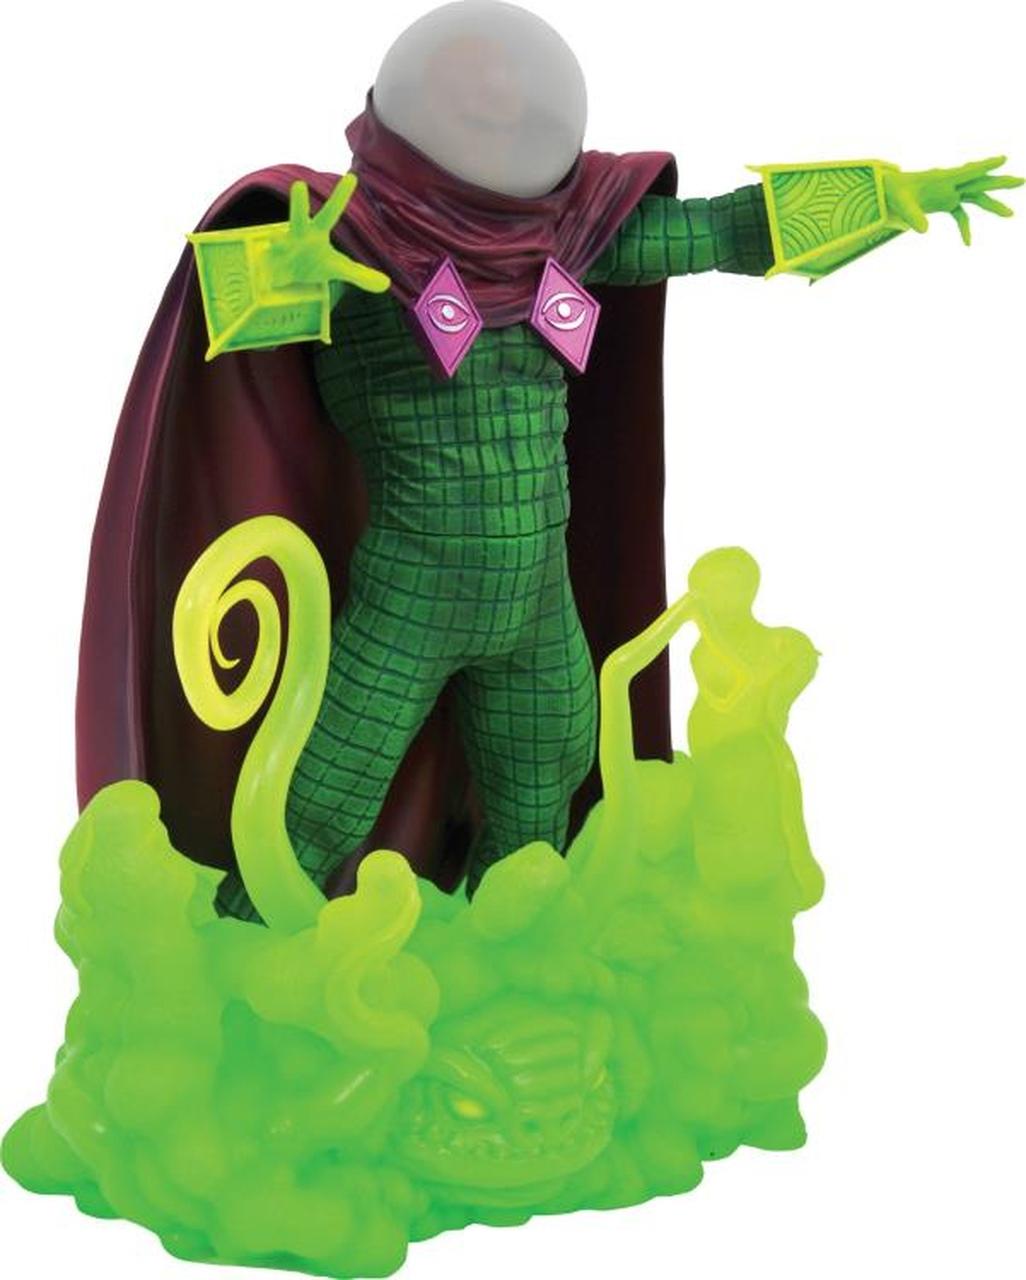 Estátua Mysterio (Diorama): O Espetacular Homem-Aranha (The Amazing Spider-Man) Marvel Comics - Gallery